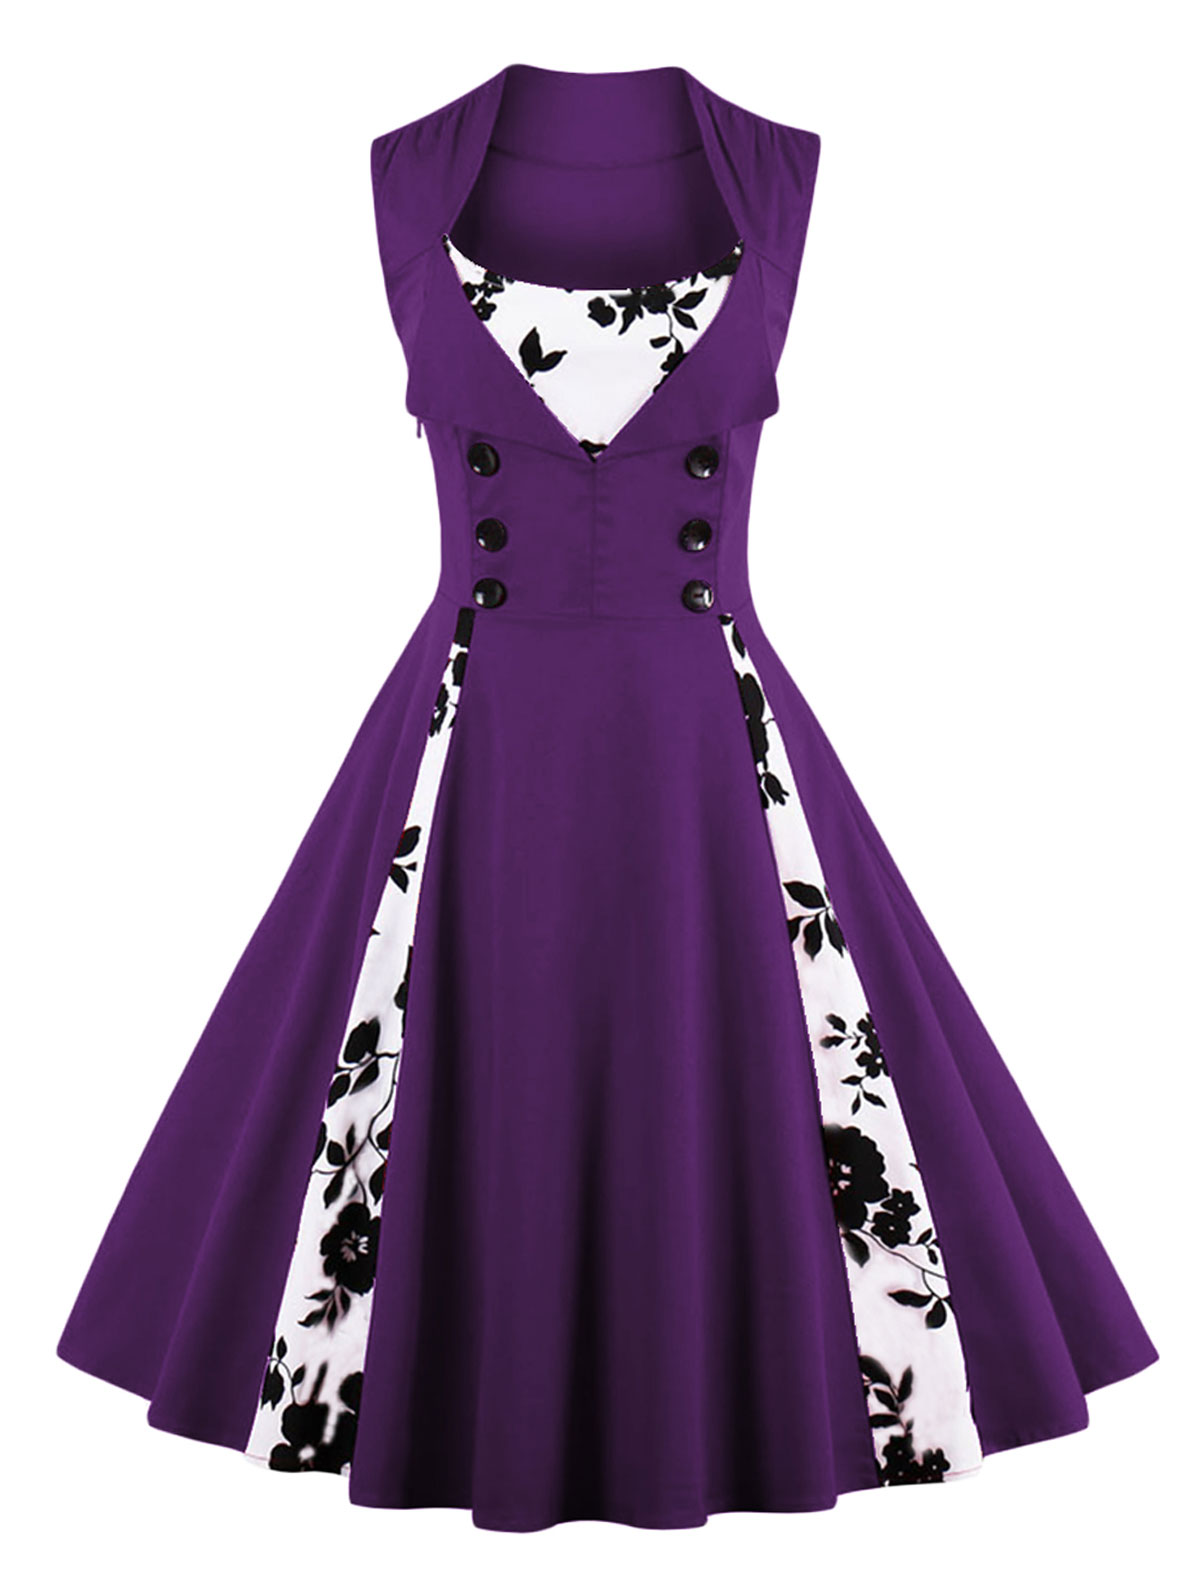 Robe Fleuris Noirs Avec Partie Violette À BoutonsÉlégant Motifs Rétro Blanches RéférenceVetrob304 Et 7gvYf6mIby